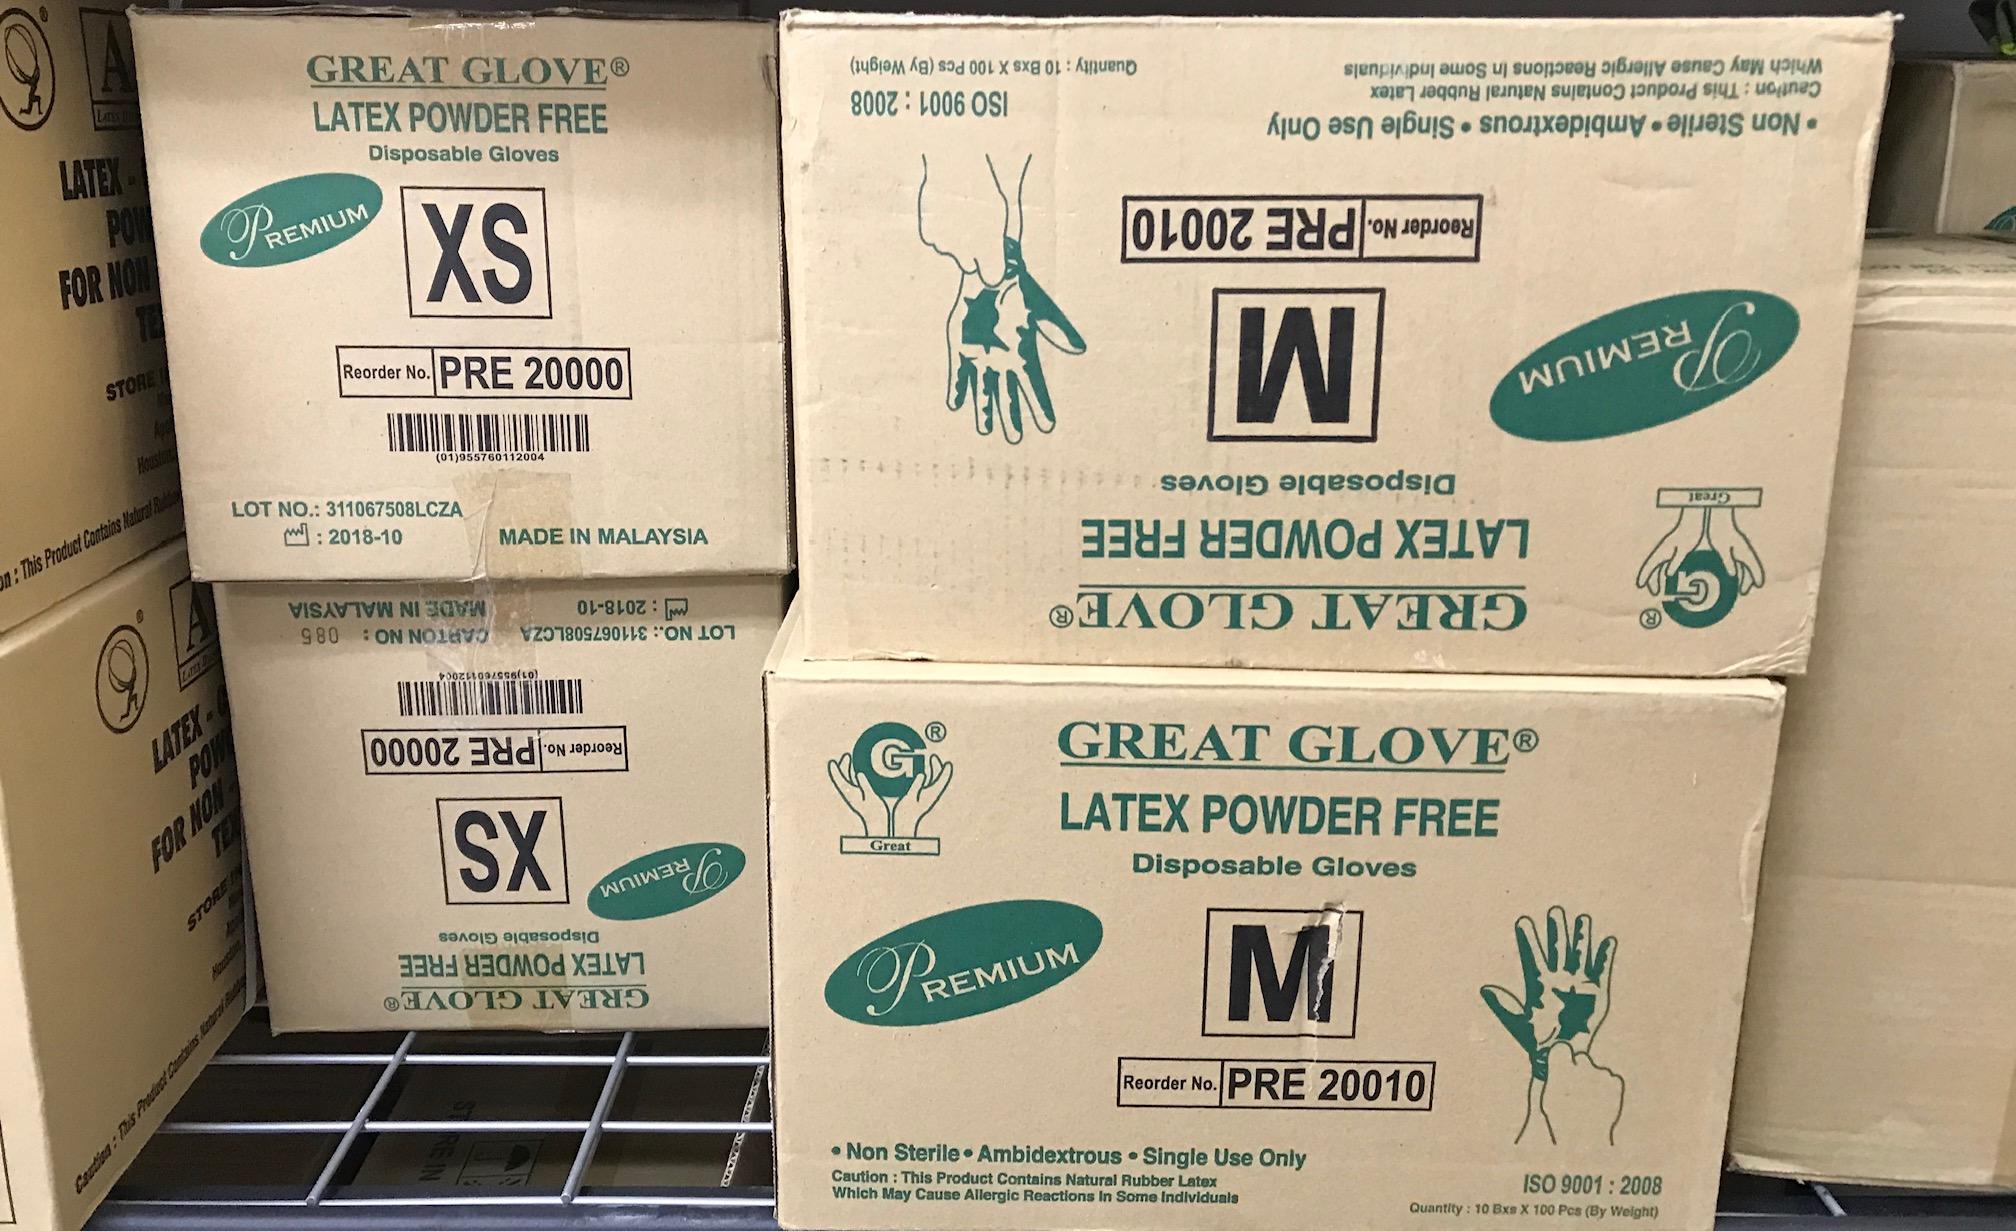 Great Glove - Bao tay cho Nails - 1 thùng 10 hộp